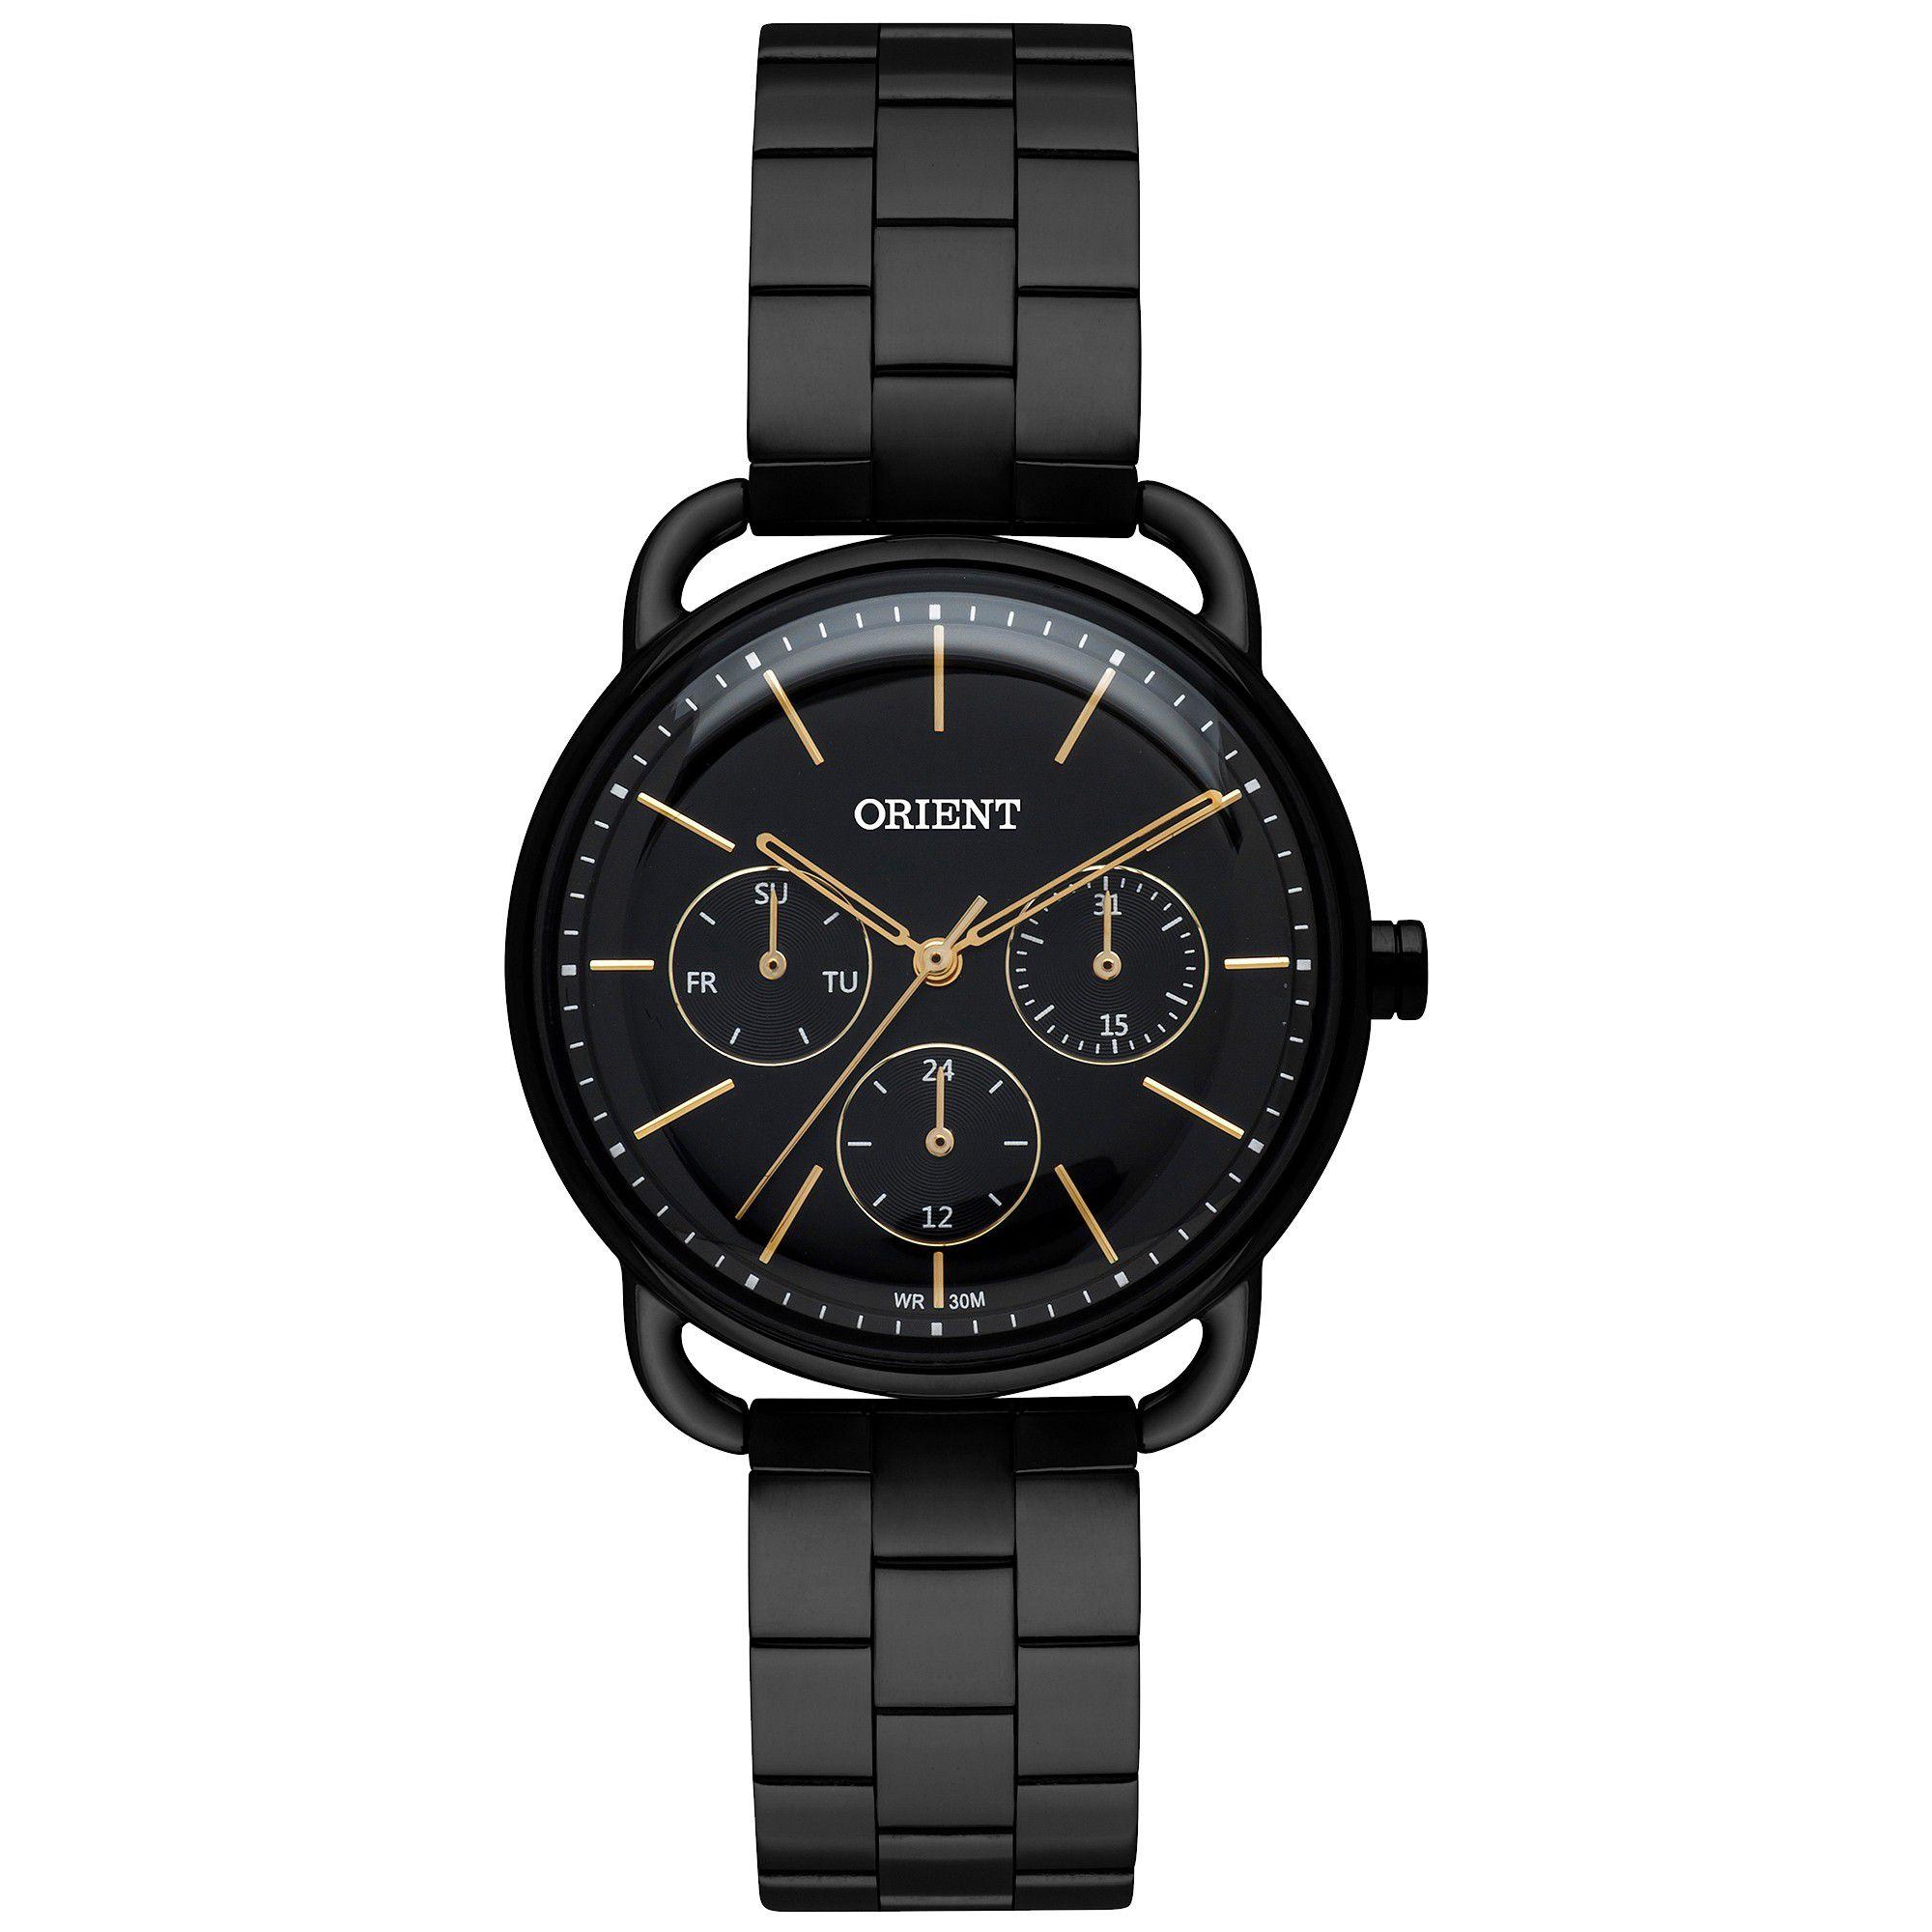 Relógio Feminino Orient FPSSM002 P1PX